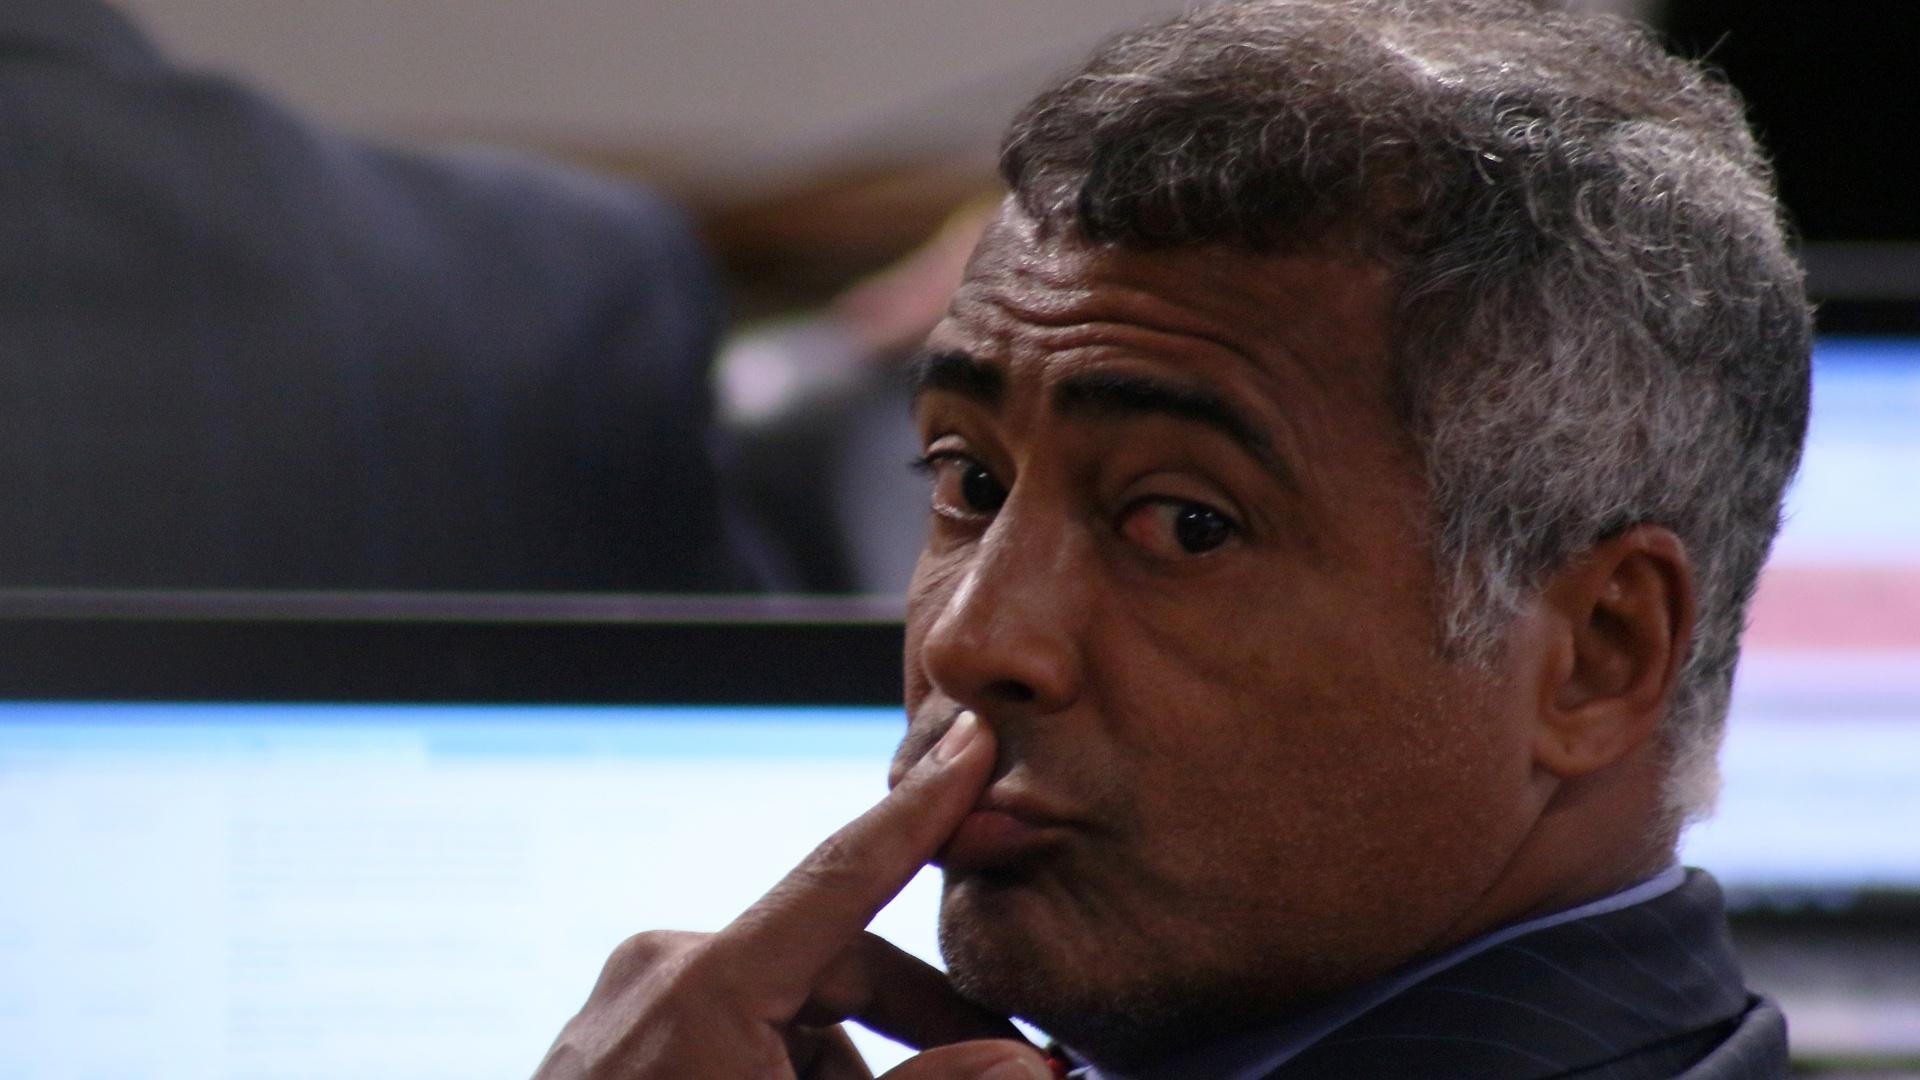 27.abr.2016 - O senador Romário (PSB-RJ) participa da reunião de trabalho da comissão do impeachment do Senado, em Brasília. Segundo o placar do Estadão, o senador deve votar a favor do impeachment de Dilma